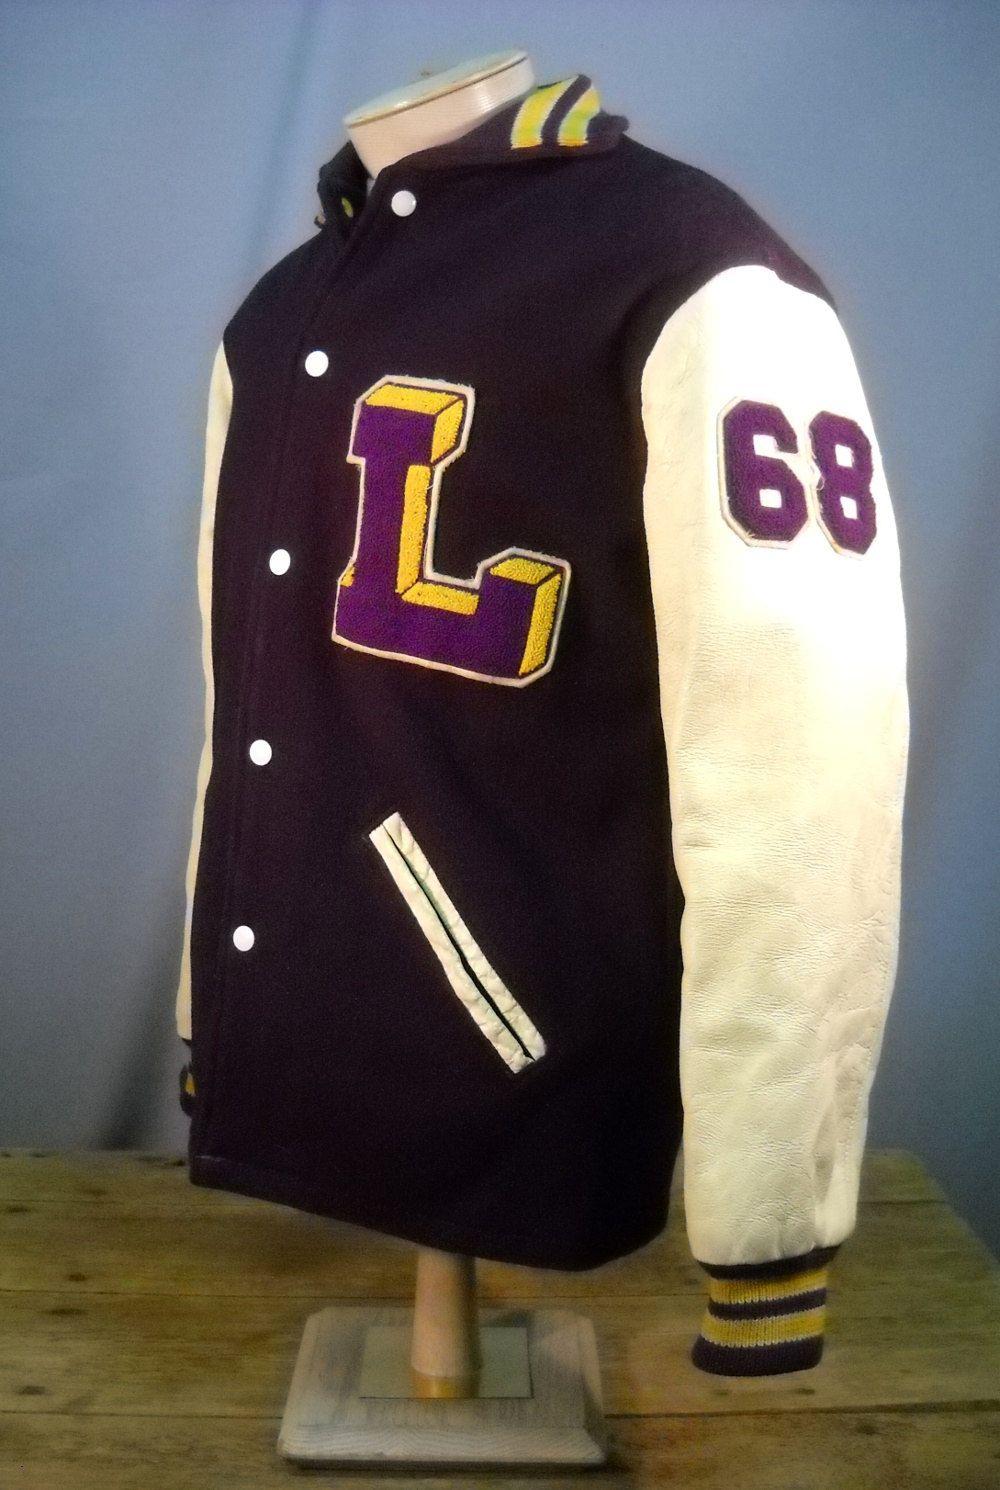 Vintage 1968 High School Letter Jacket Jackets School Wear My Style